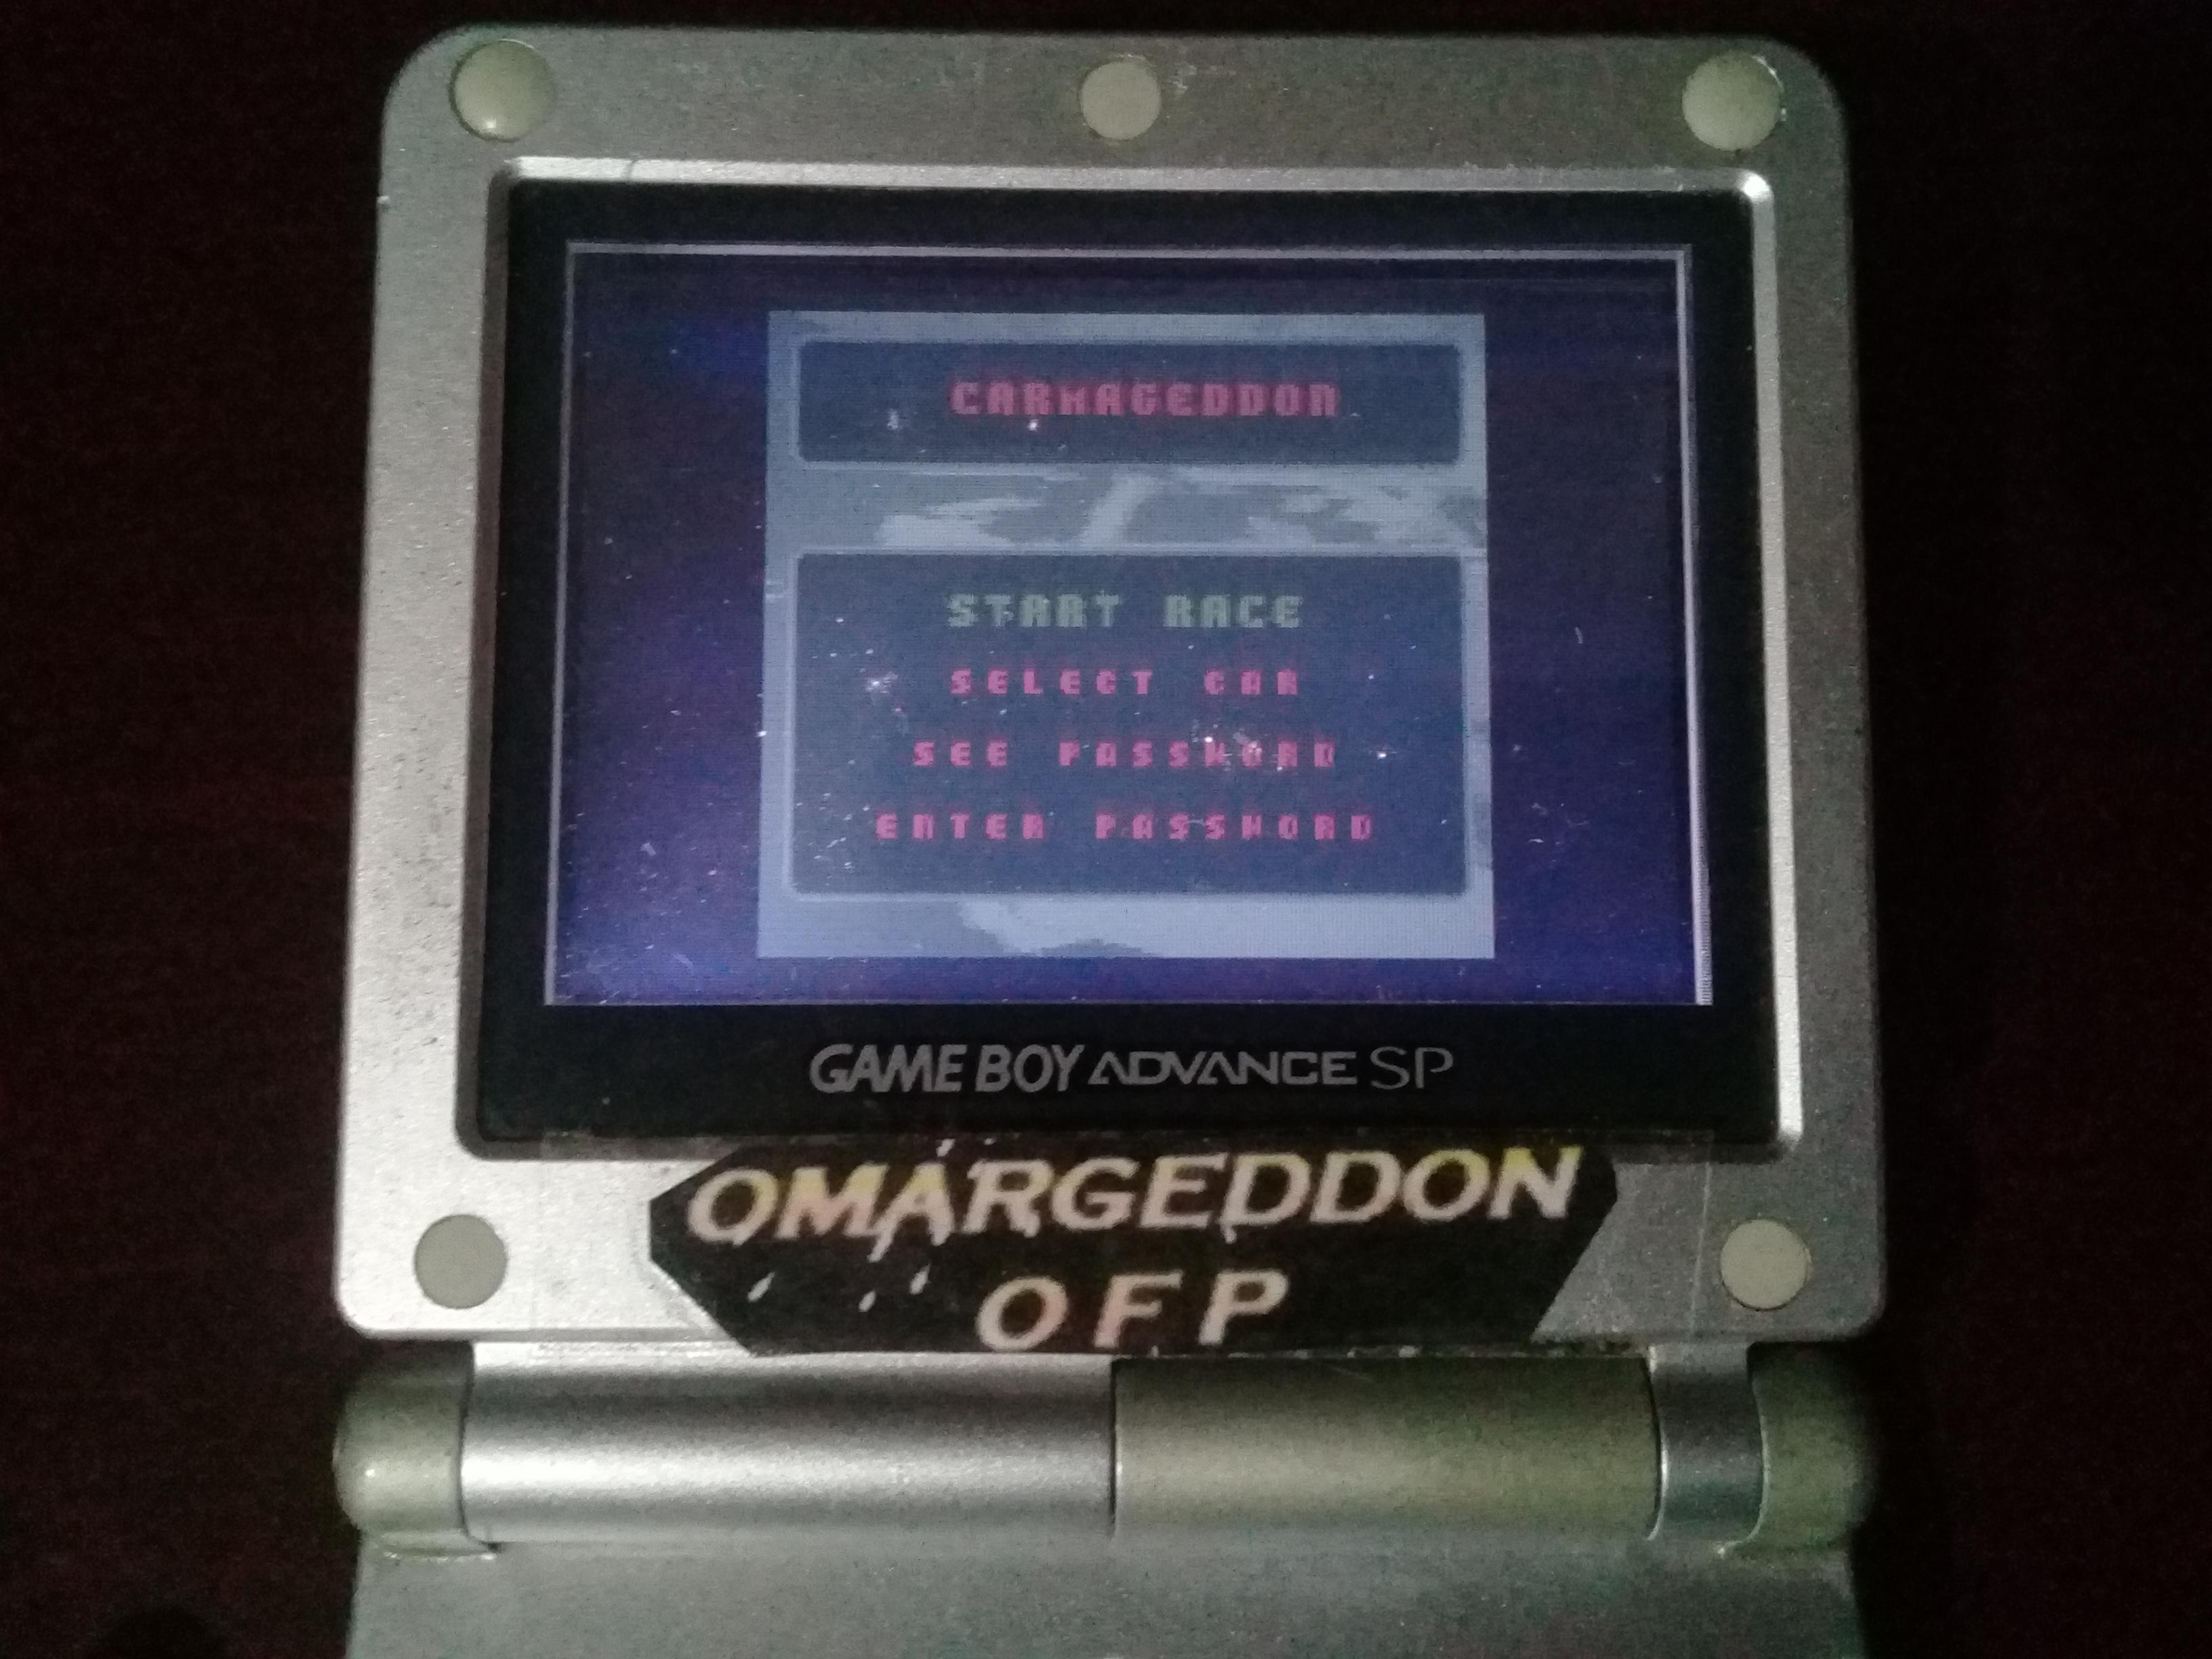 omargeddon: Carmageddon (Game Boy Color) 13,050 points on 2019-05-24 11:08:36